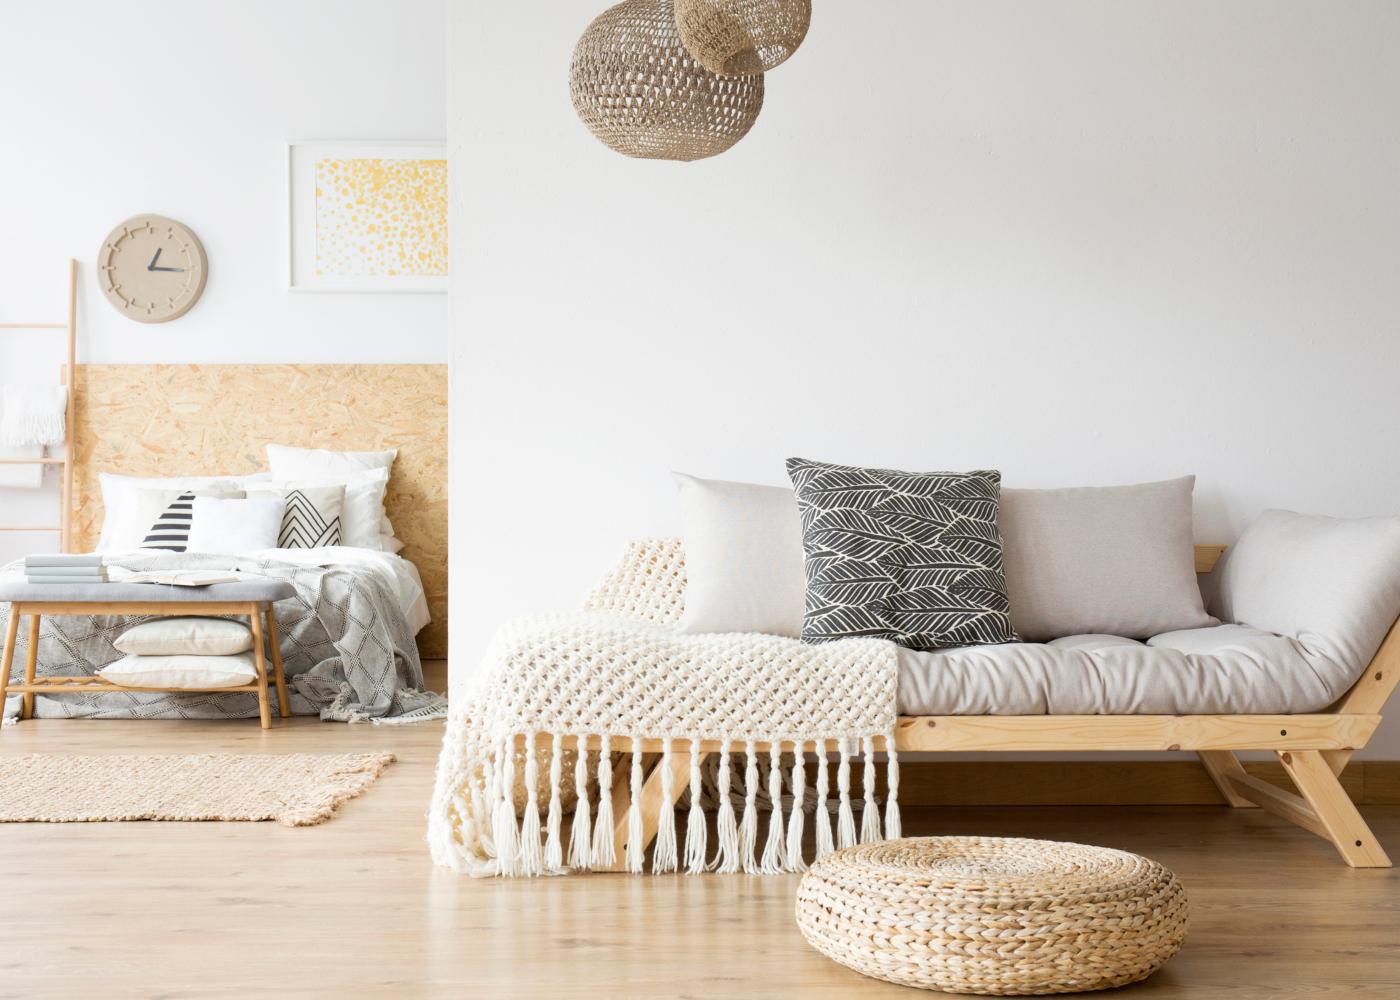 quarto com paredes claras para manter a casa fresca em dias quentes